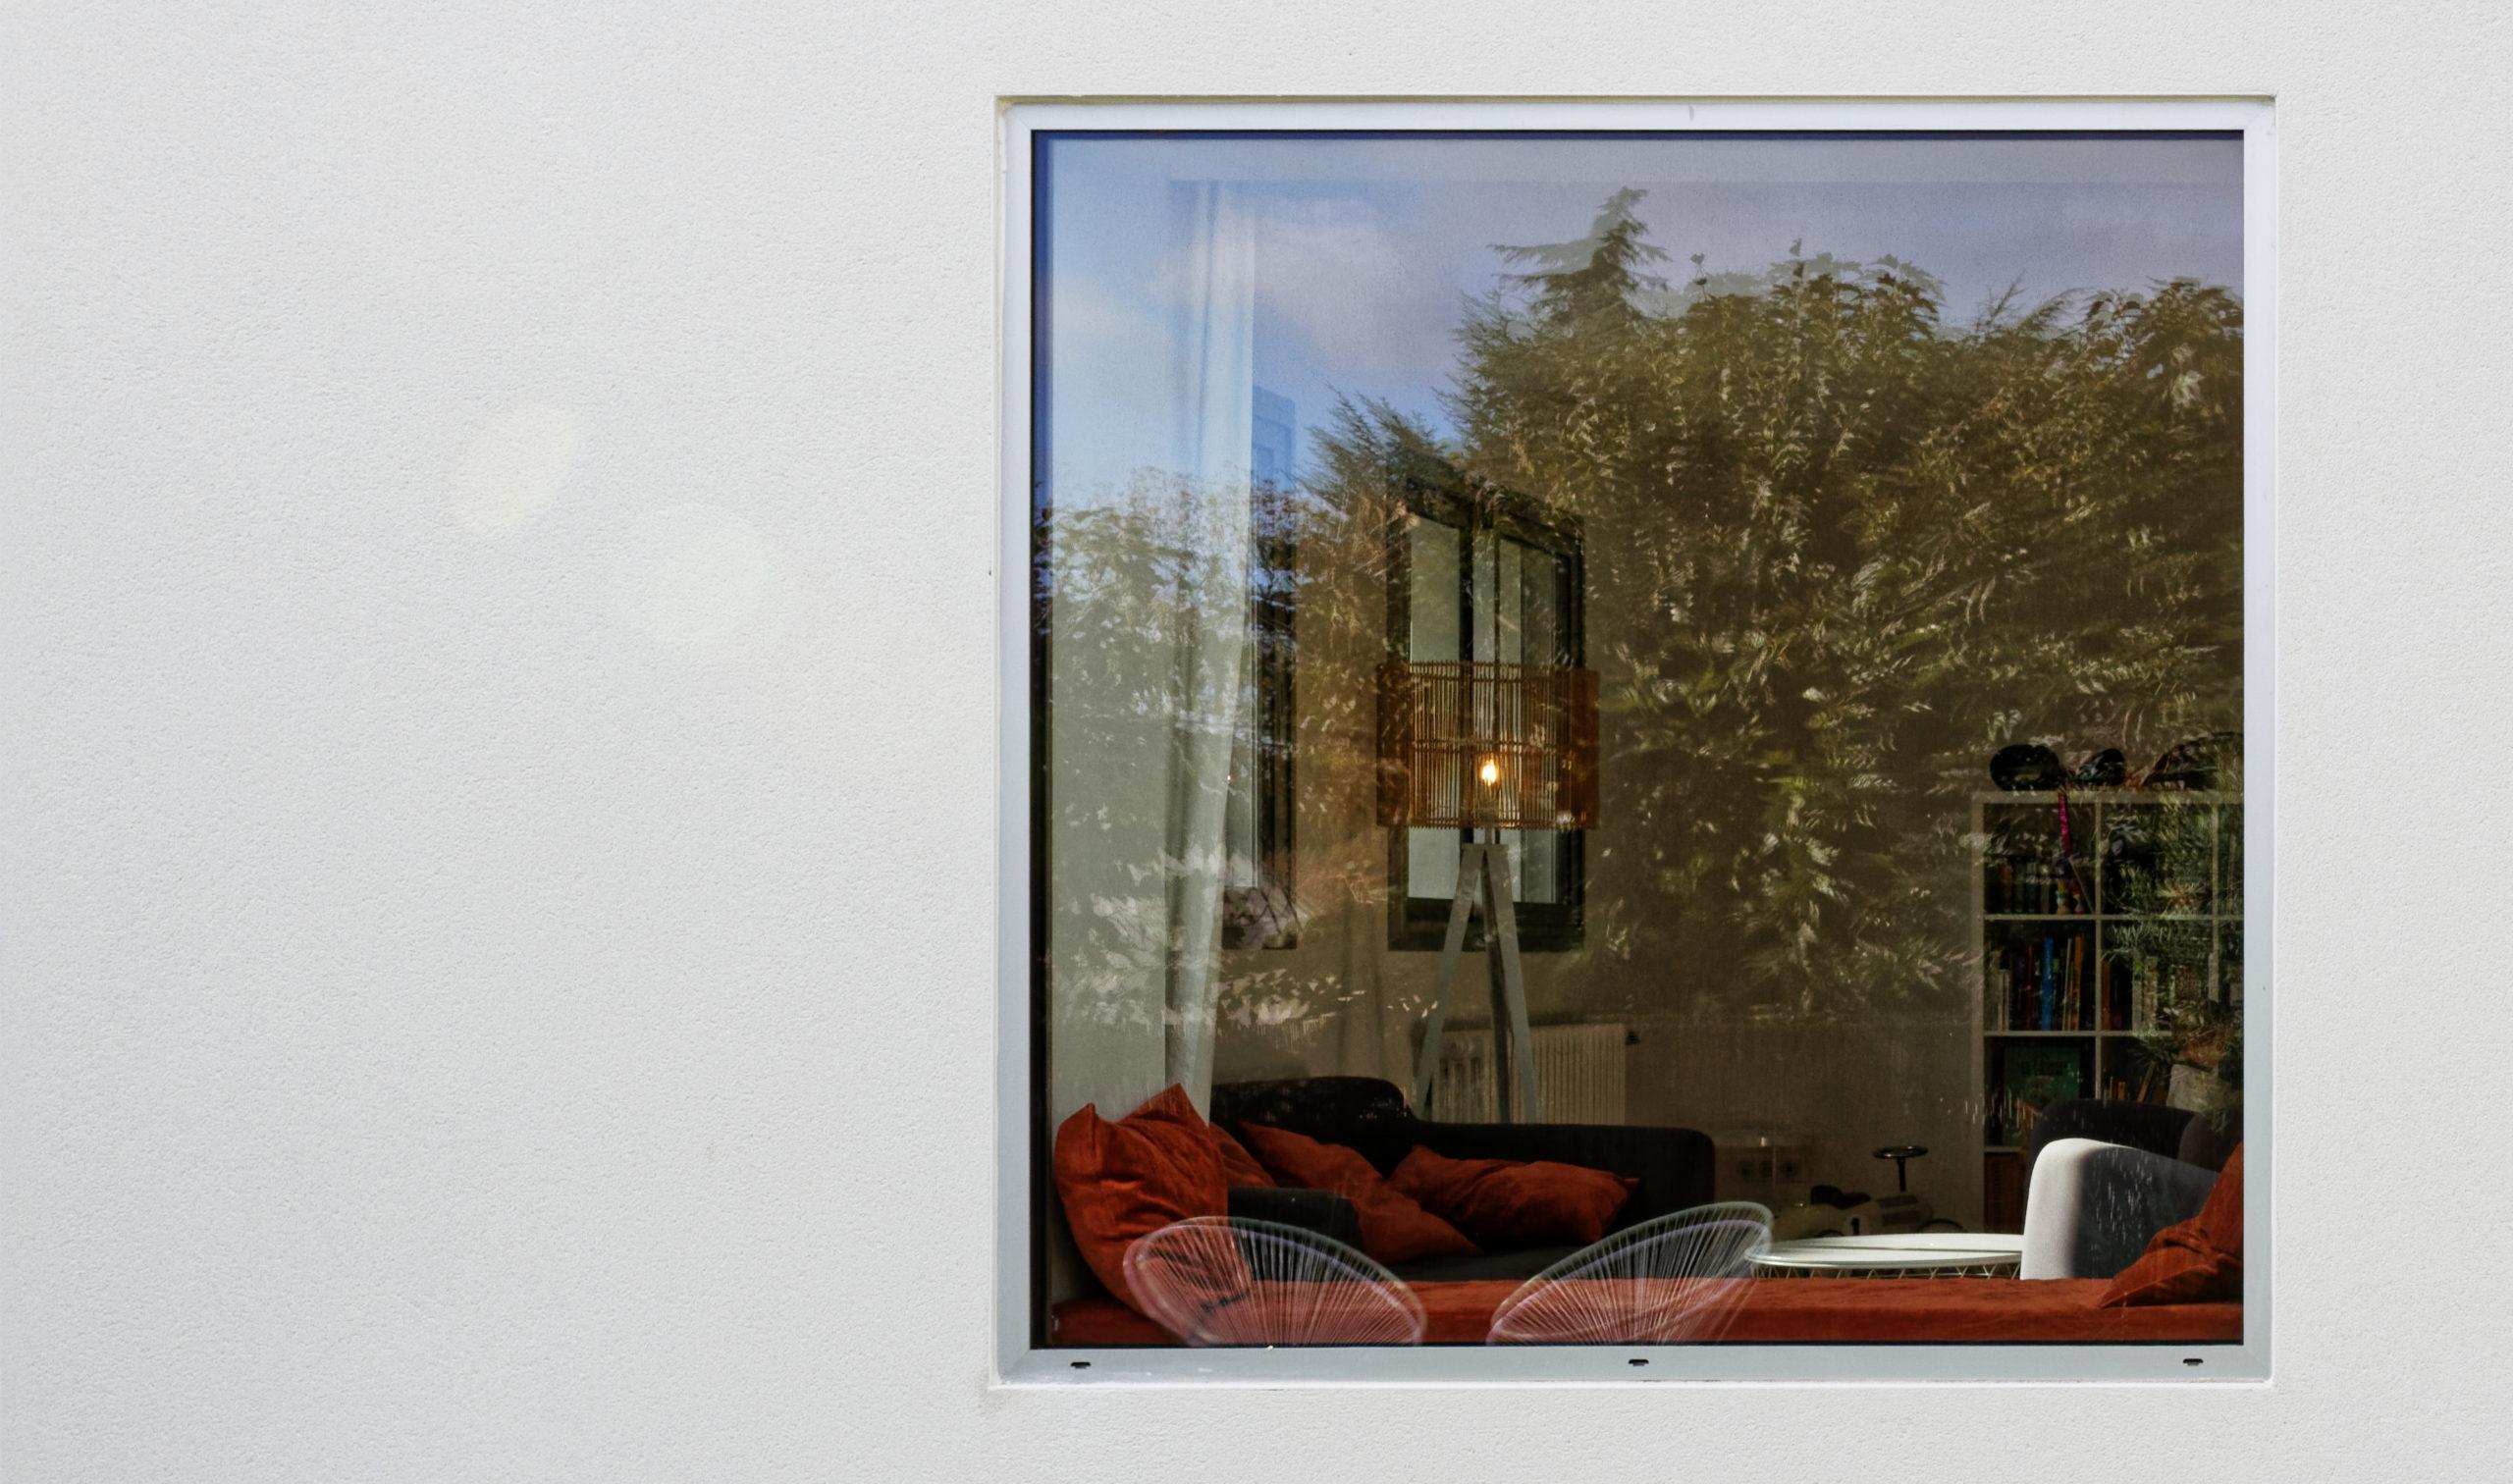 Cadrage fenêtre banquette- rénovation maison A- rénovation des années 70